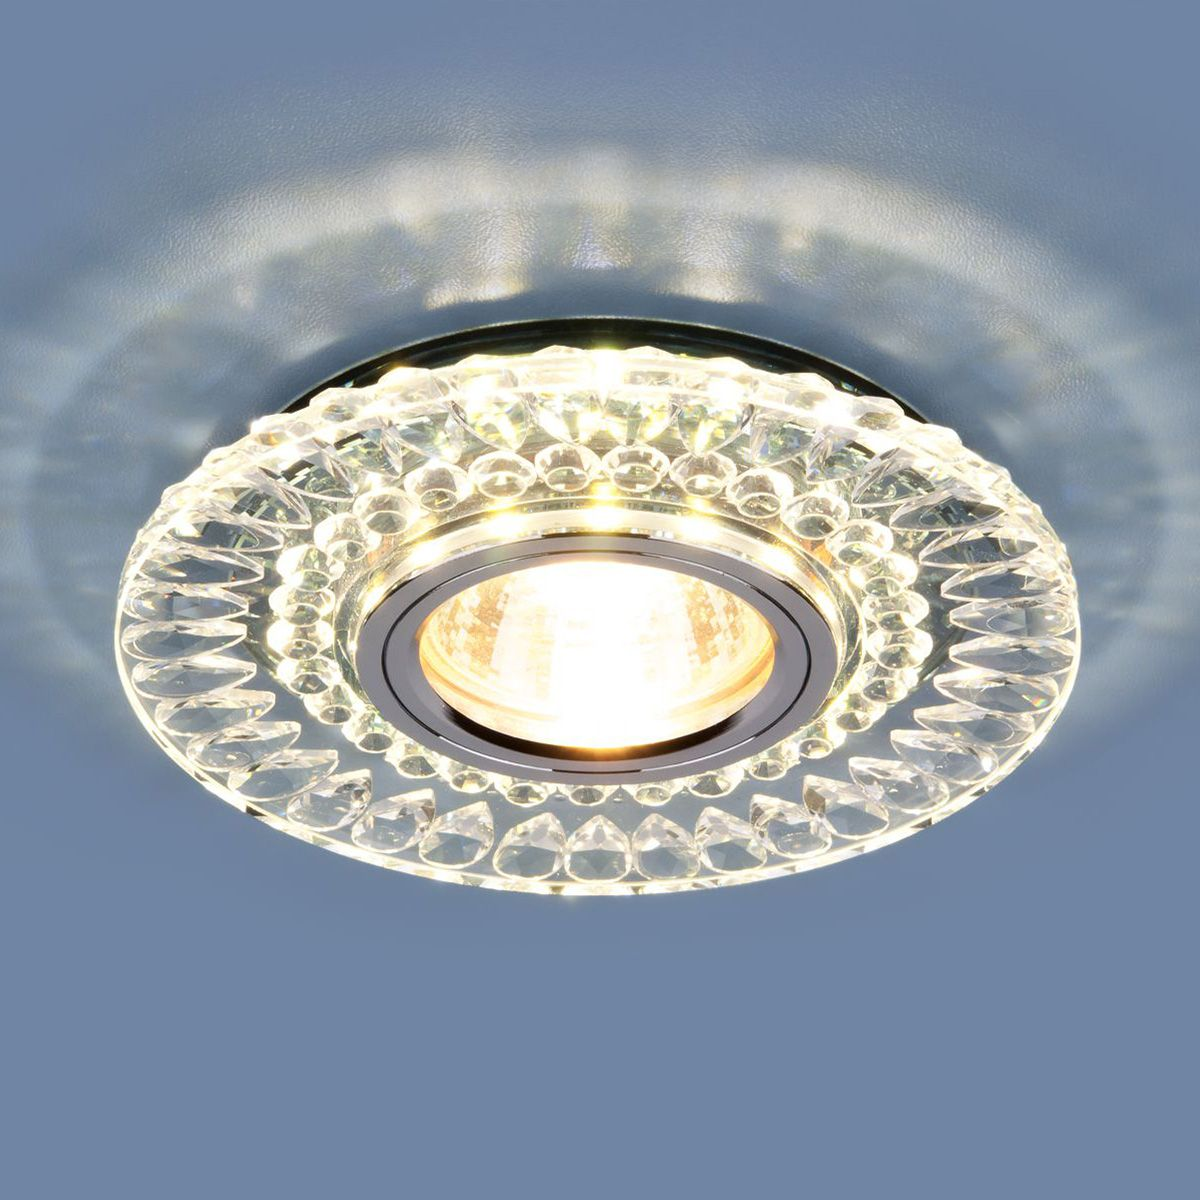 Точечный светильник с LED подсветкой 2197 MR16 CL/SL прозрачный/серебро